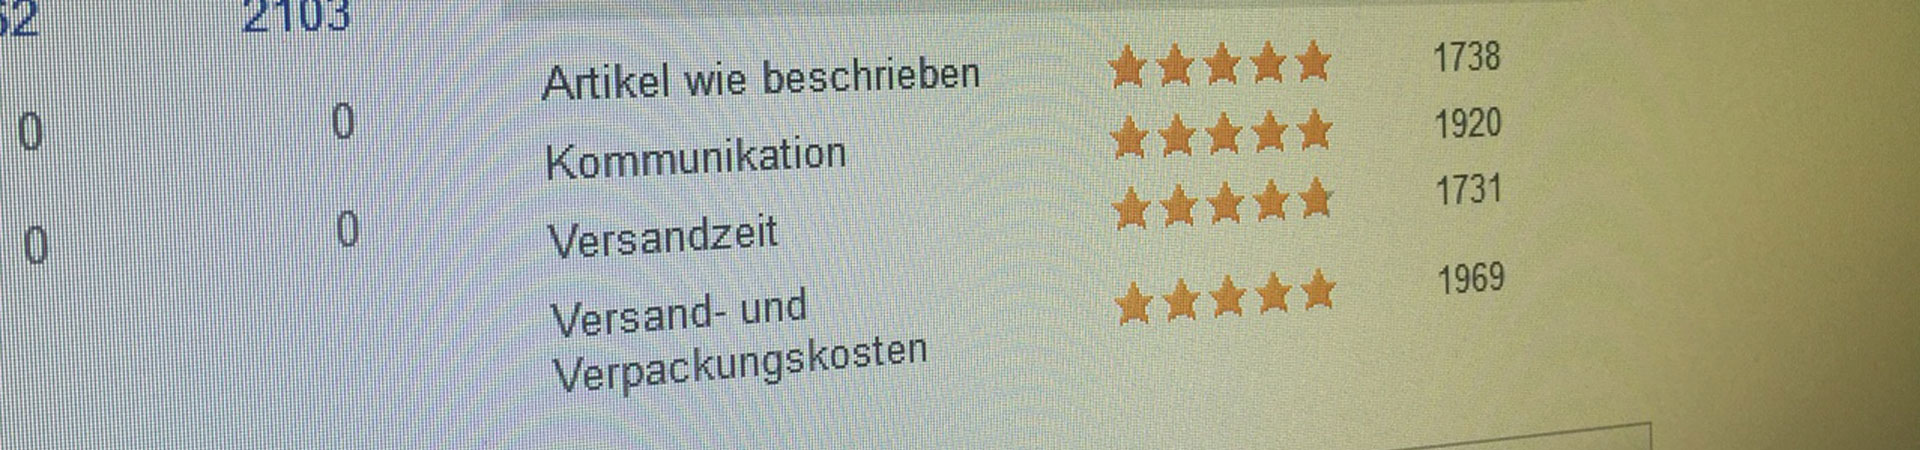 Schafft eBay sein Bewertungssystem ab?